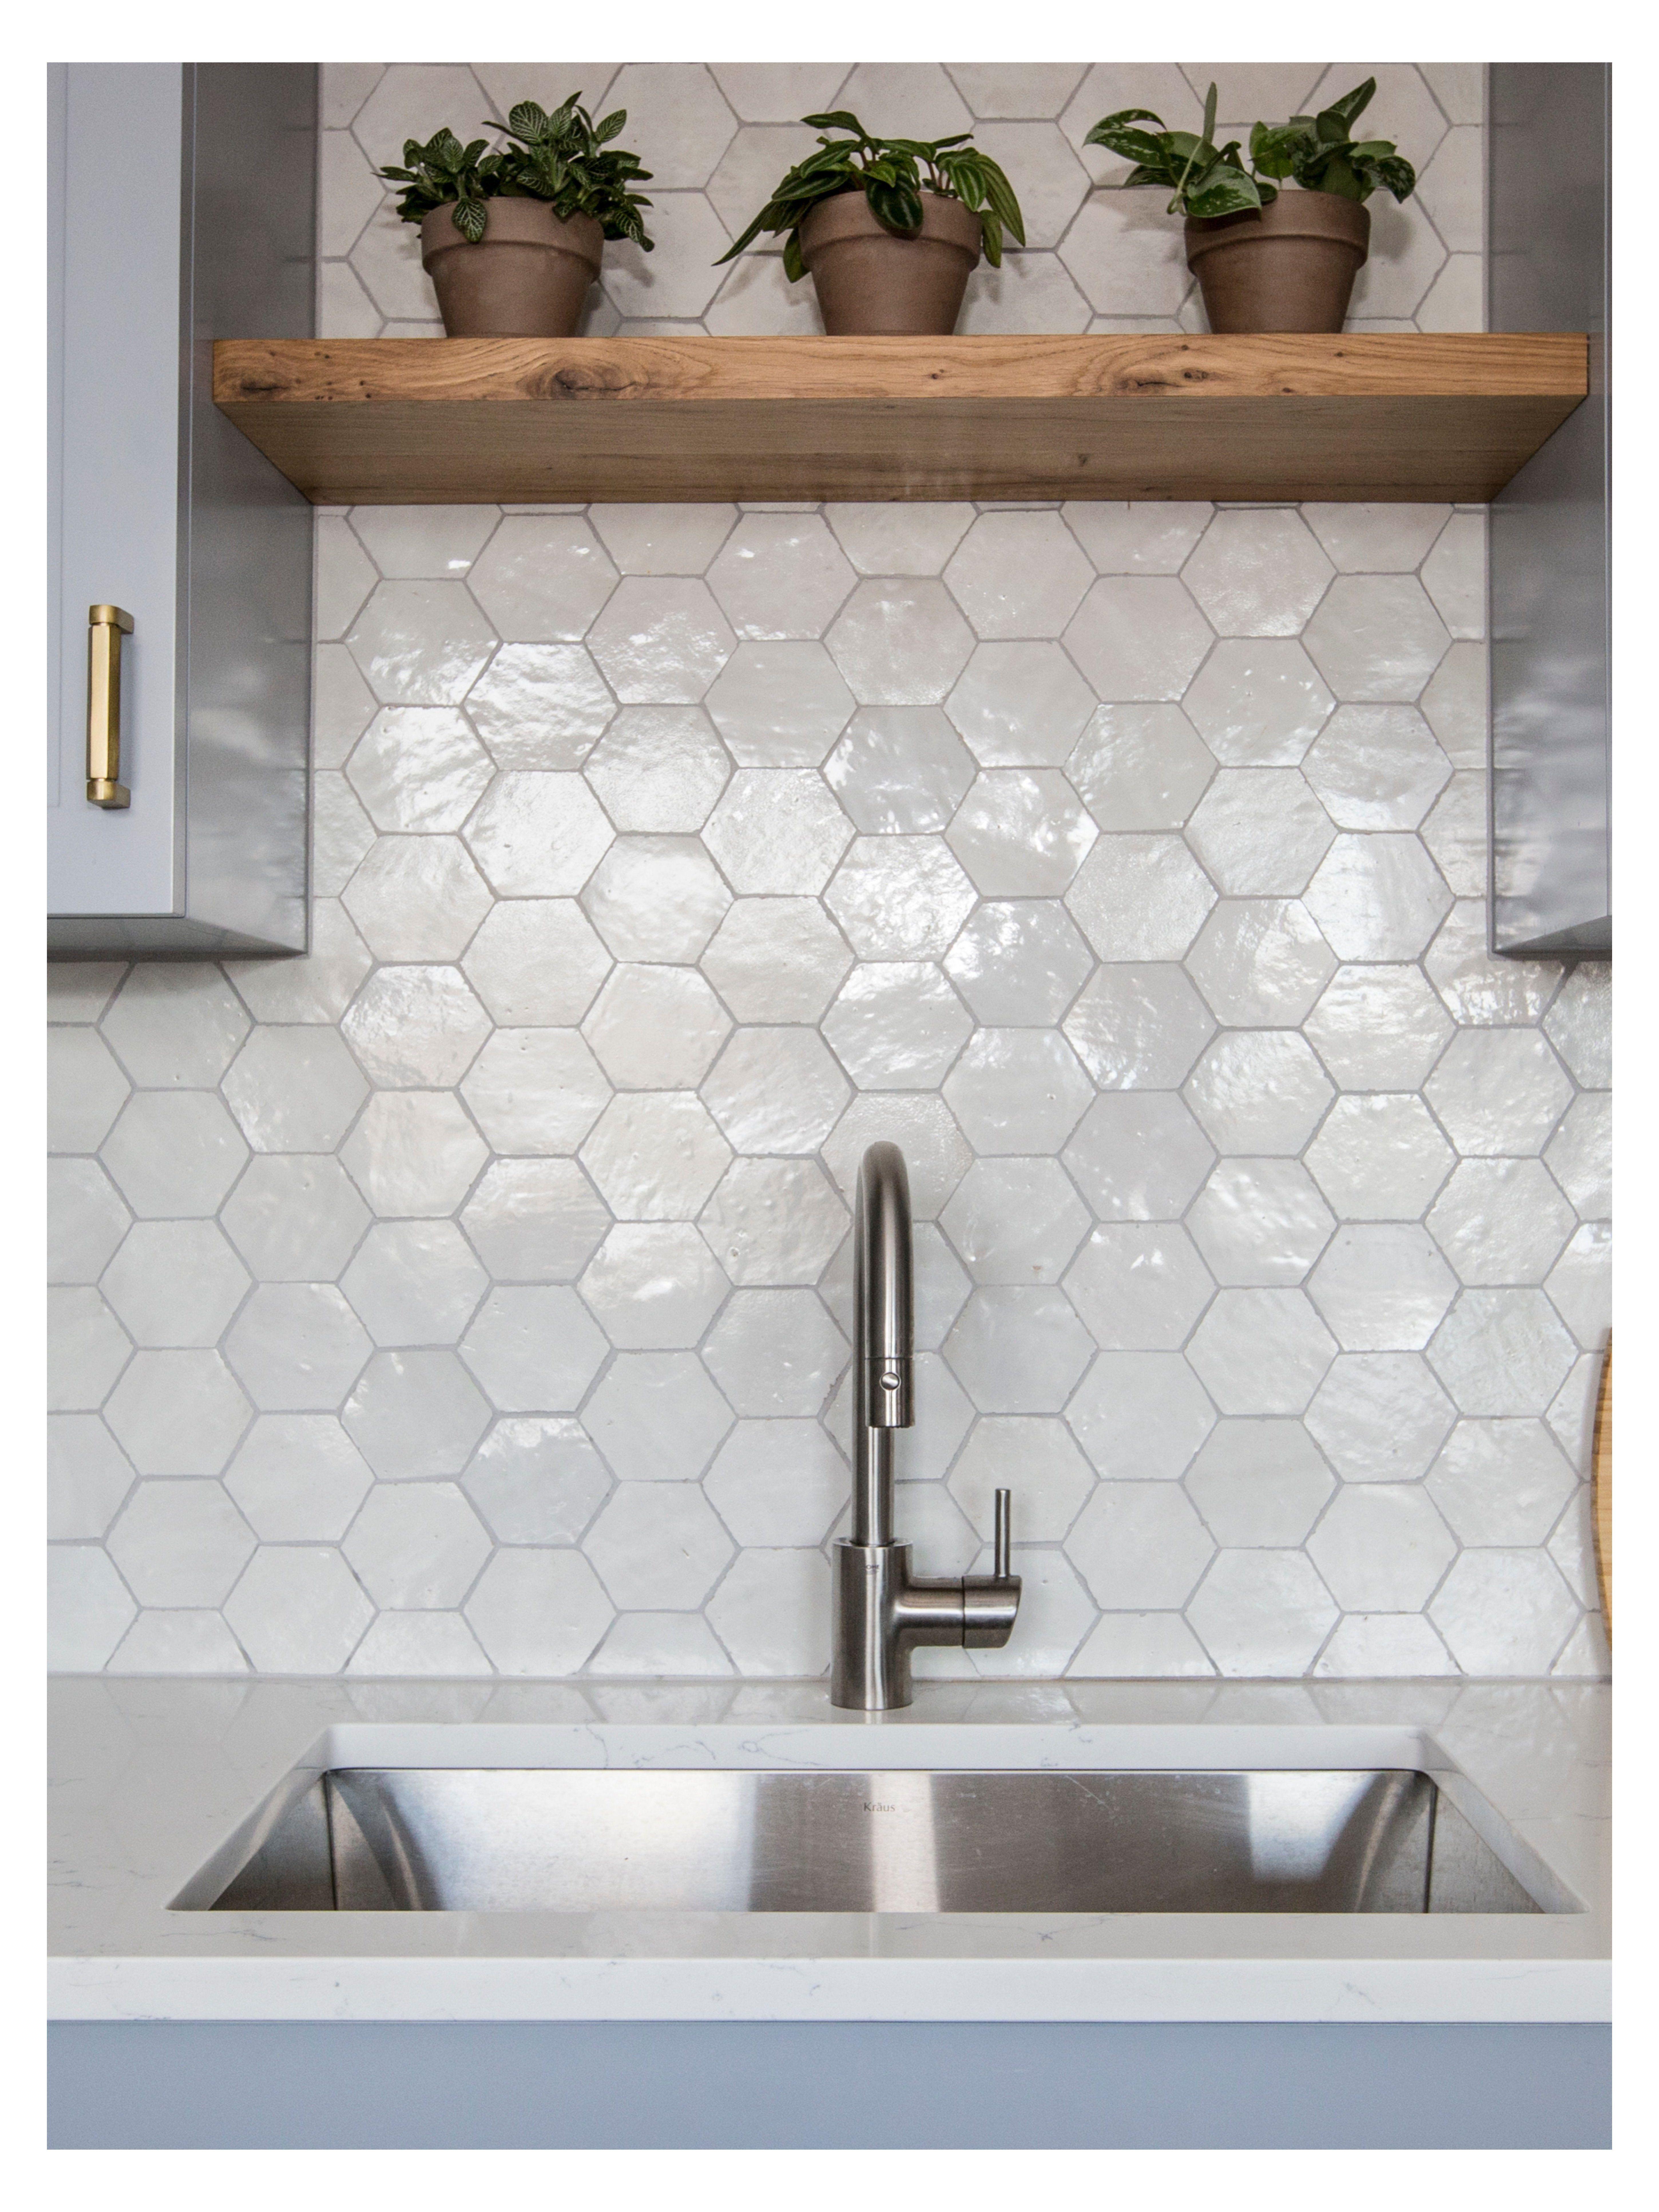 Glossy Cle Zellige Hexagon Tile Backsplash Modern Kitchen Tiles Shape Light Easy T Modern Kitchen Tiles Kitchen Backsplash Designs Hexagon Tile Backsplash